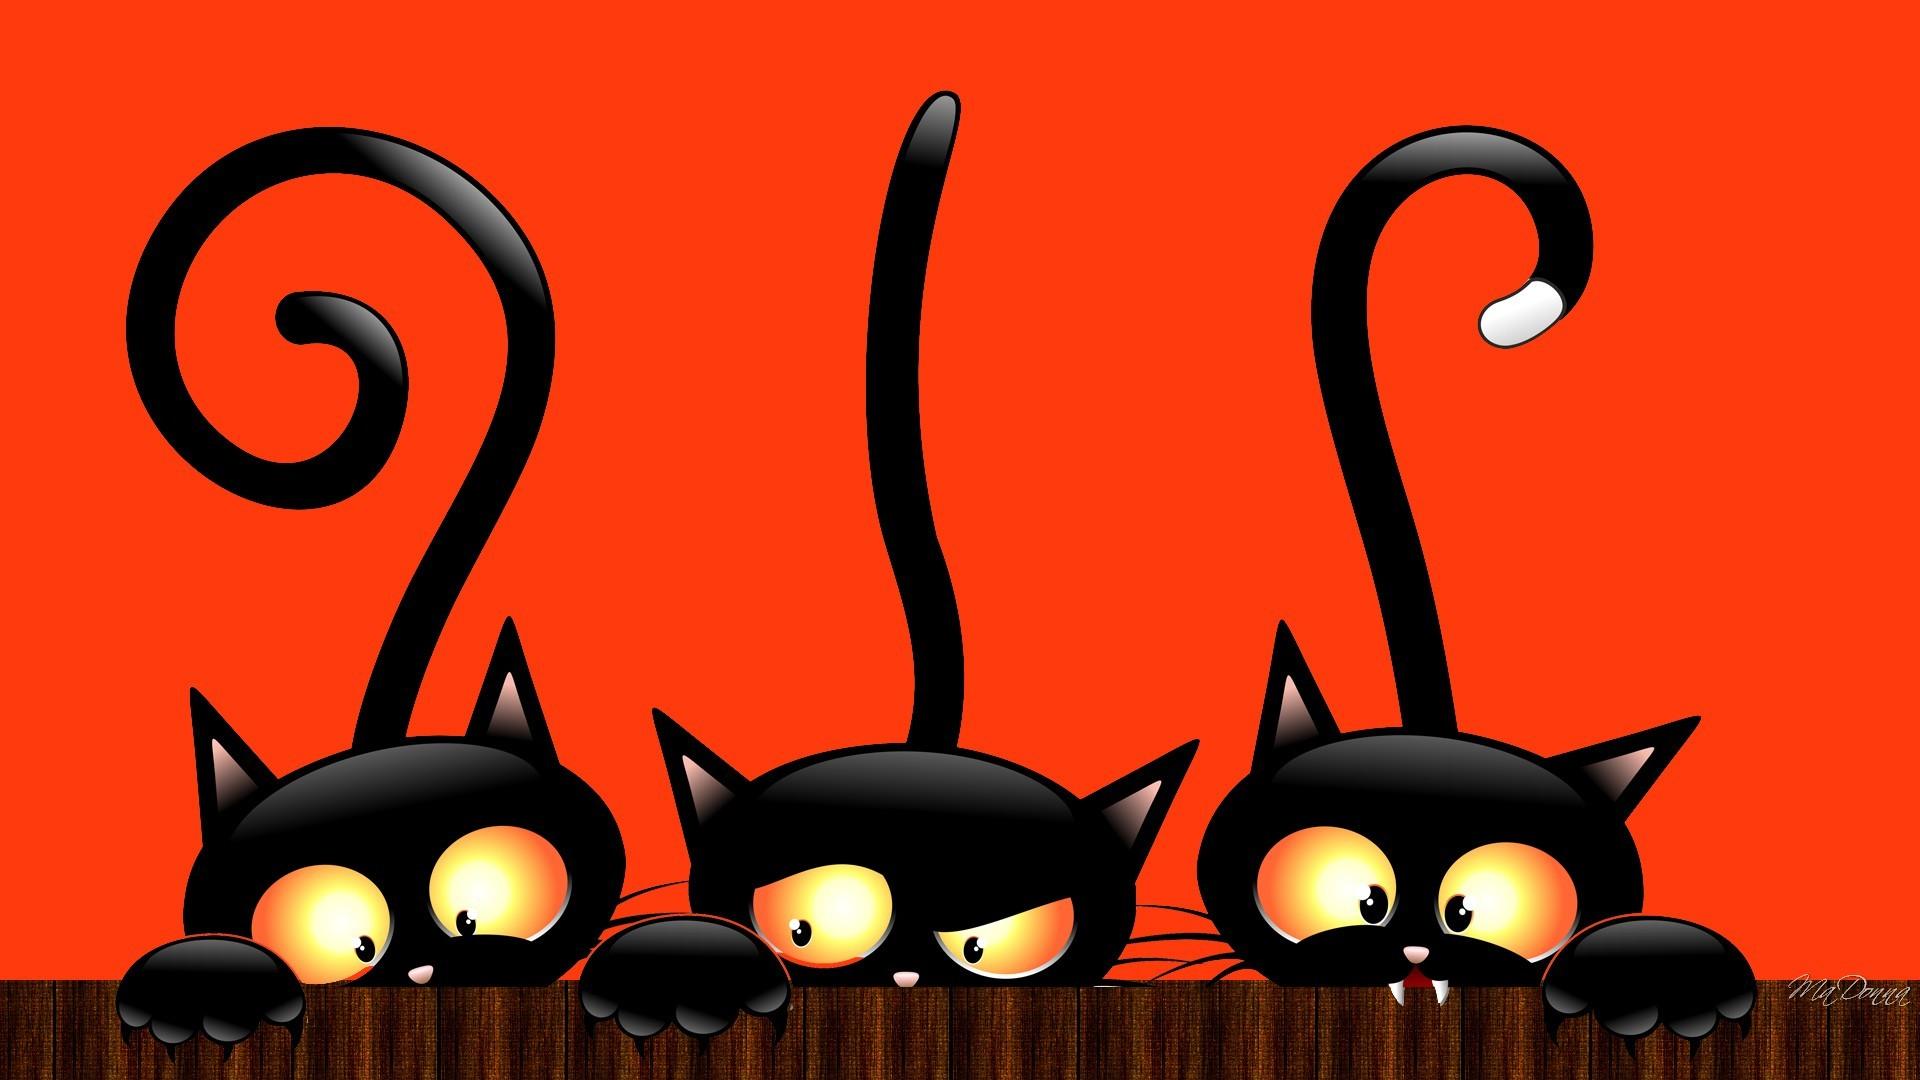 hello kitty halloween backgrounds ·①